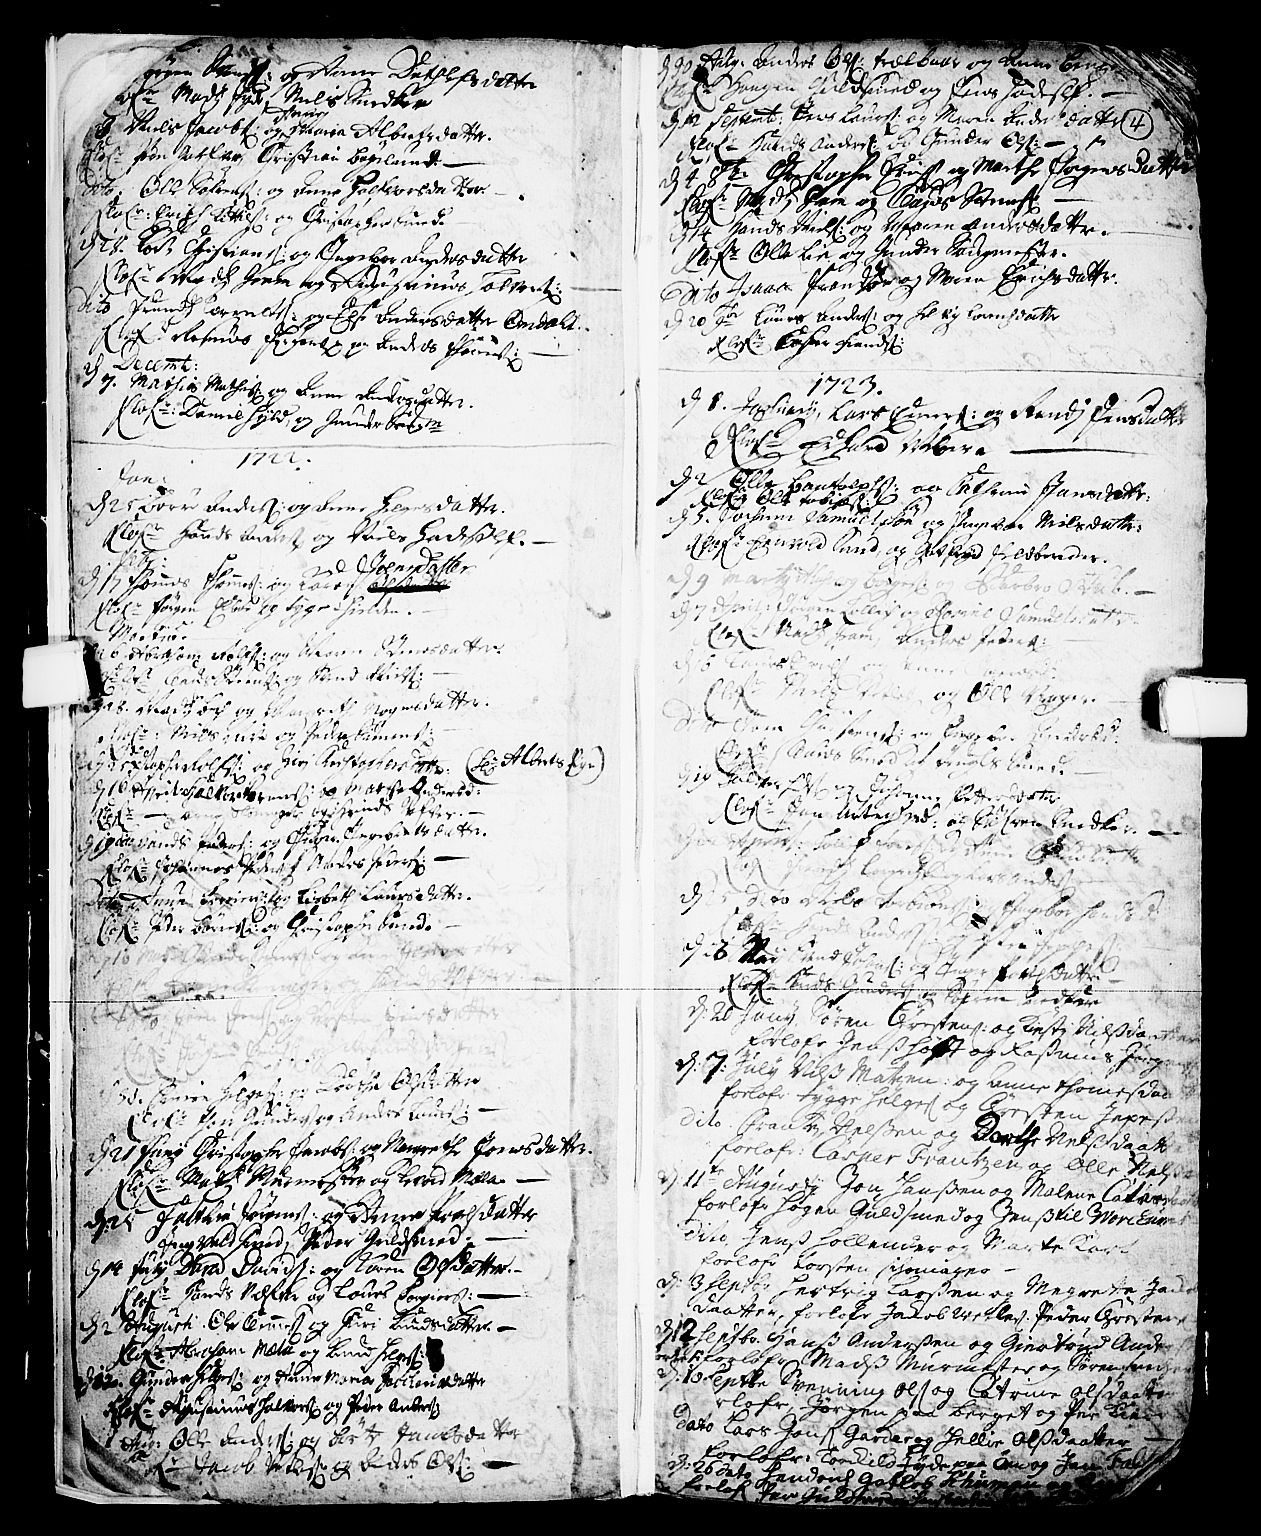 SAKO, Skien kirkebøker, F/Fa/L0002: Ministerialbok nr. 2, 1716-1757, s. 4